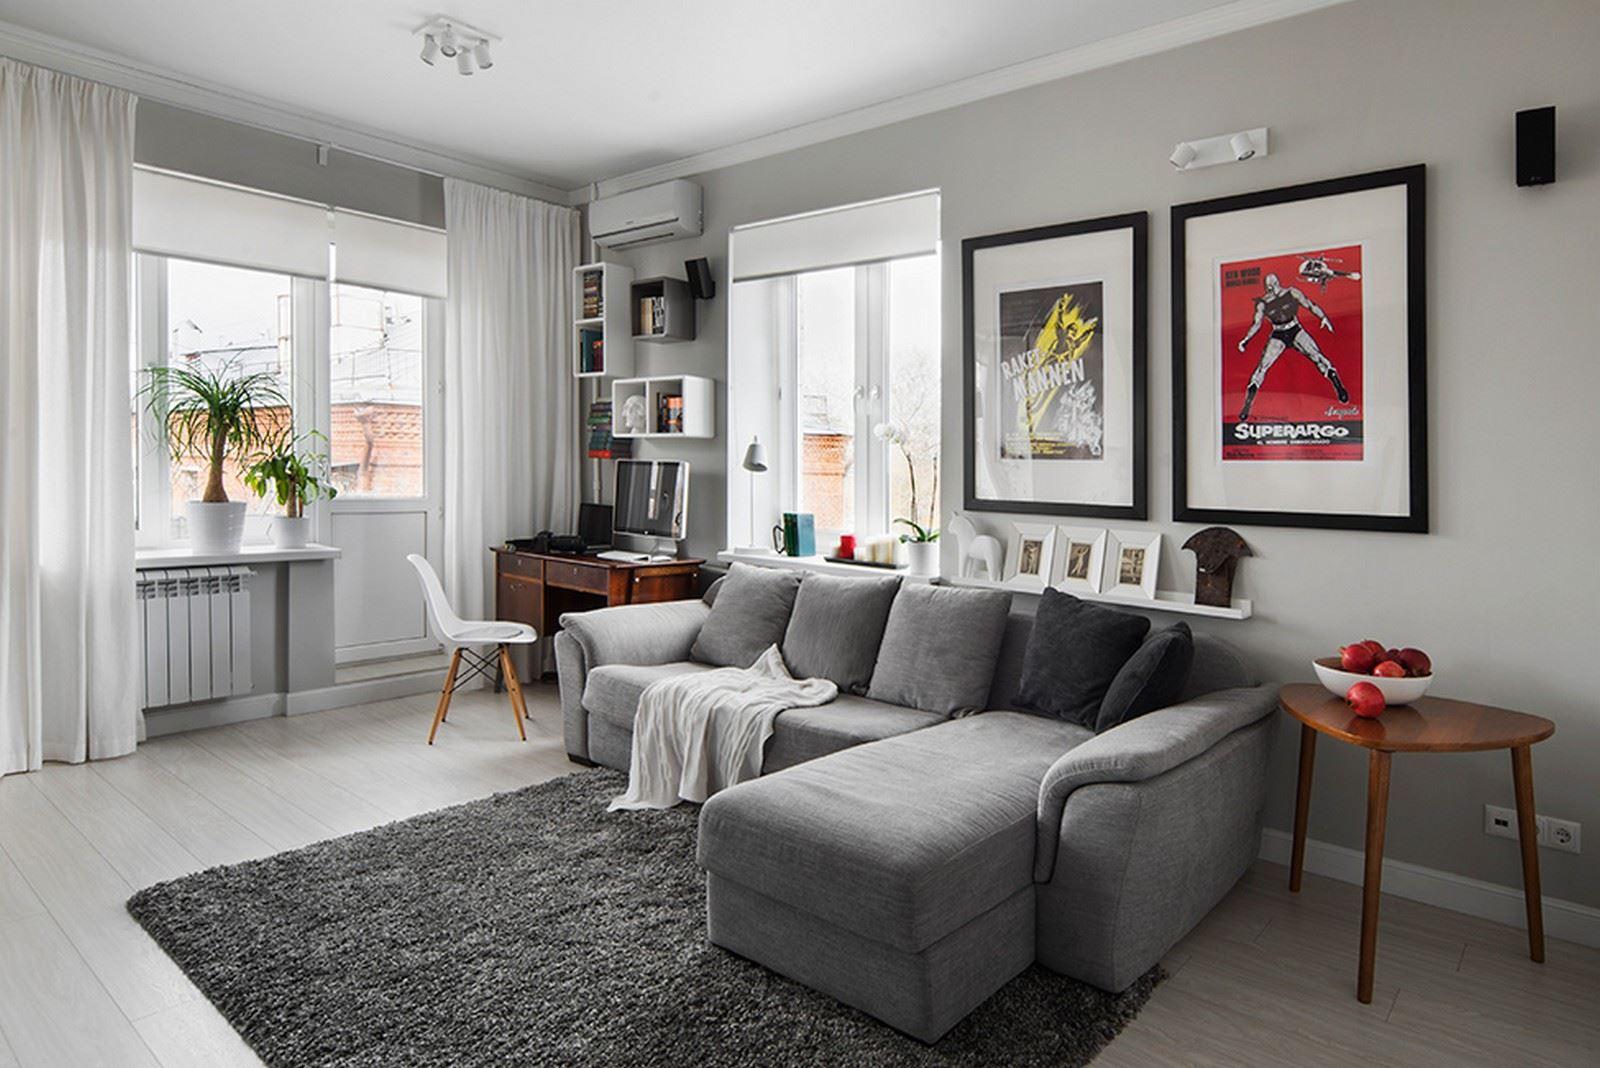 How To Decorate A Gray Living Room: تاثیرات روانی رنگ خاکستری در دکوراسیون داخلی